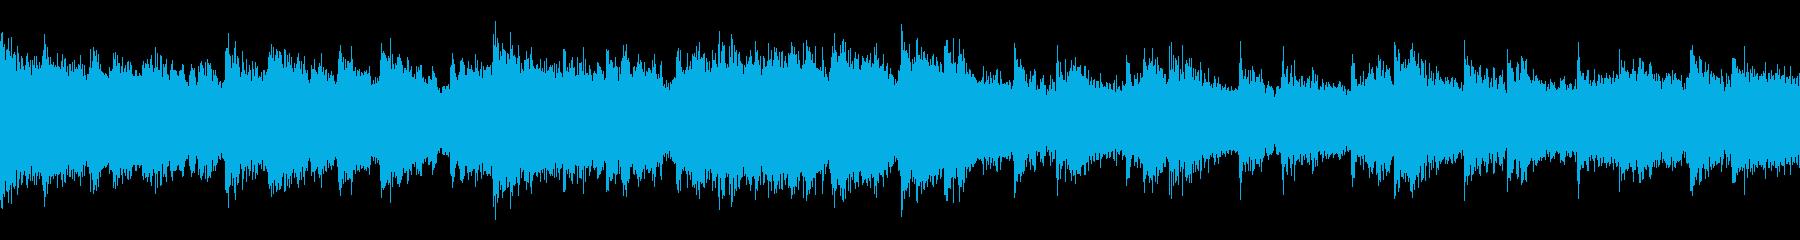 冒険をイメージした曲/ループ仕様 ピアノの再生済みの波形